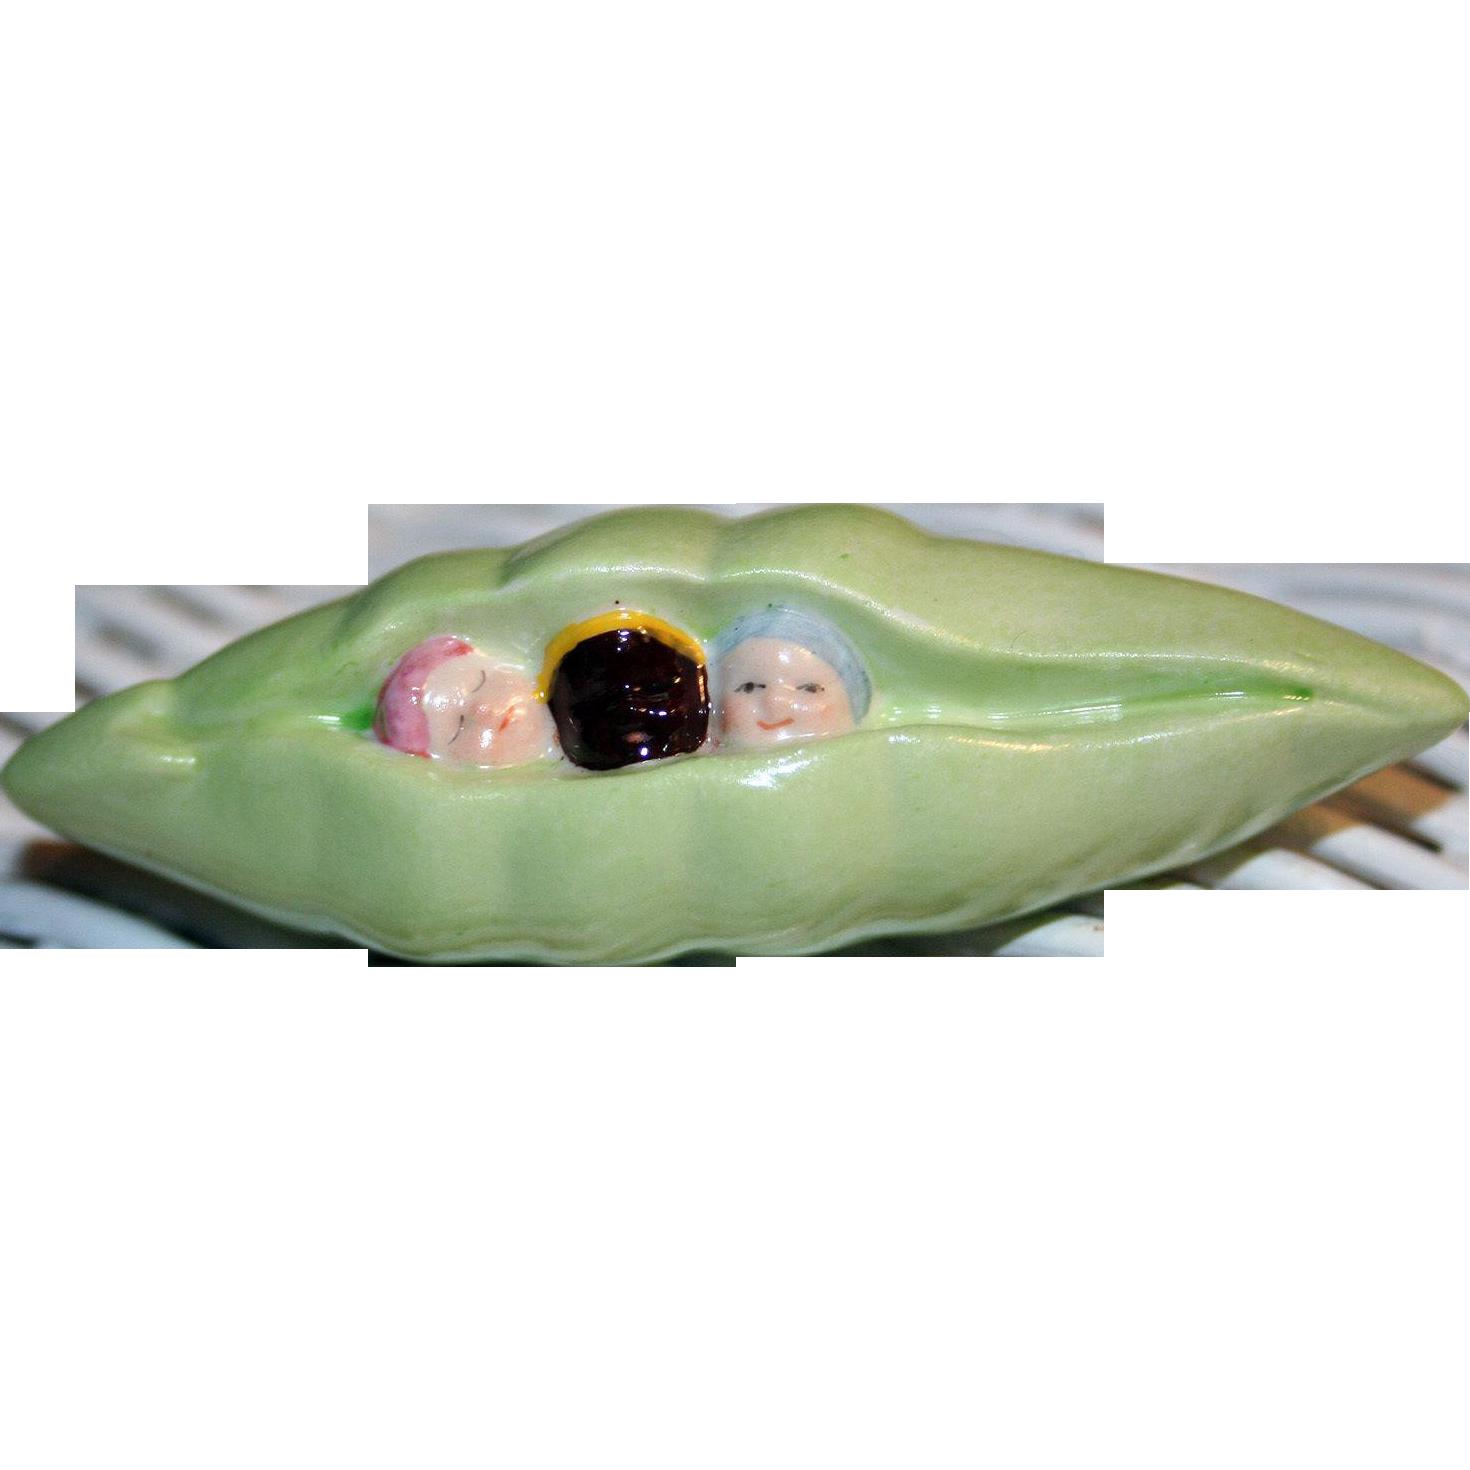 Heubach Little Baby Peas in a Pod